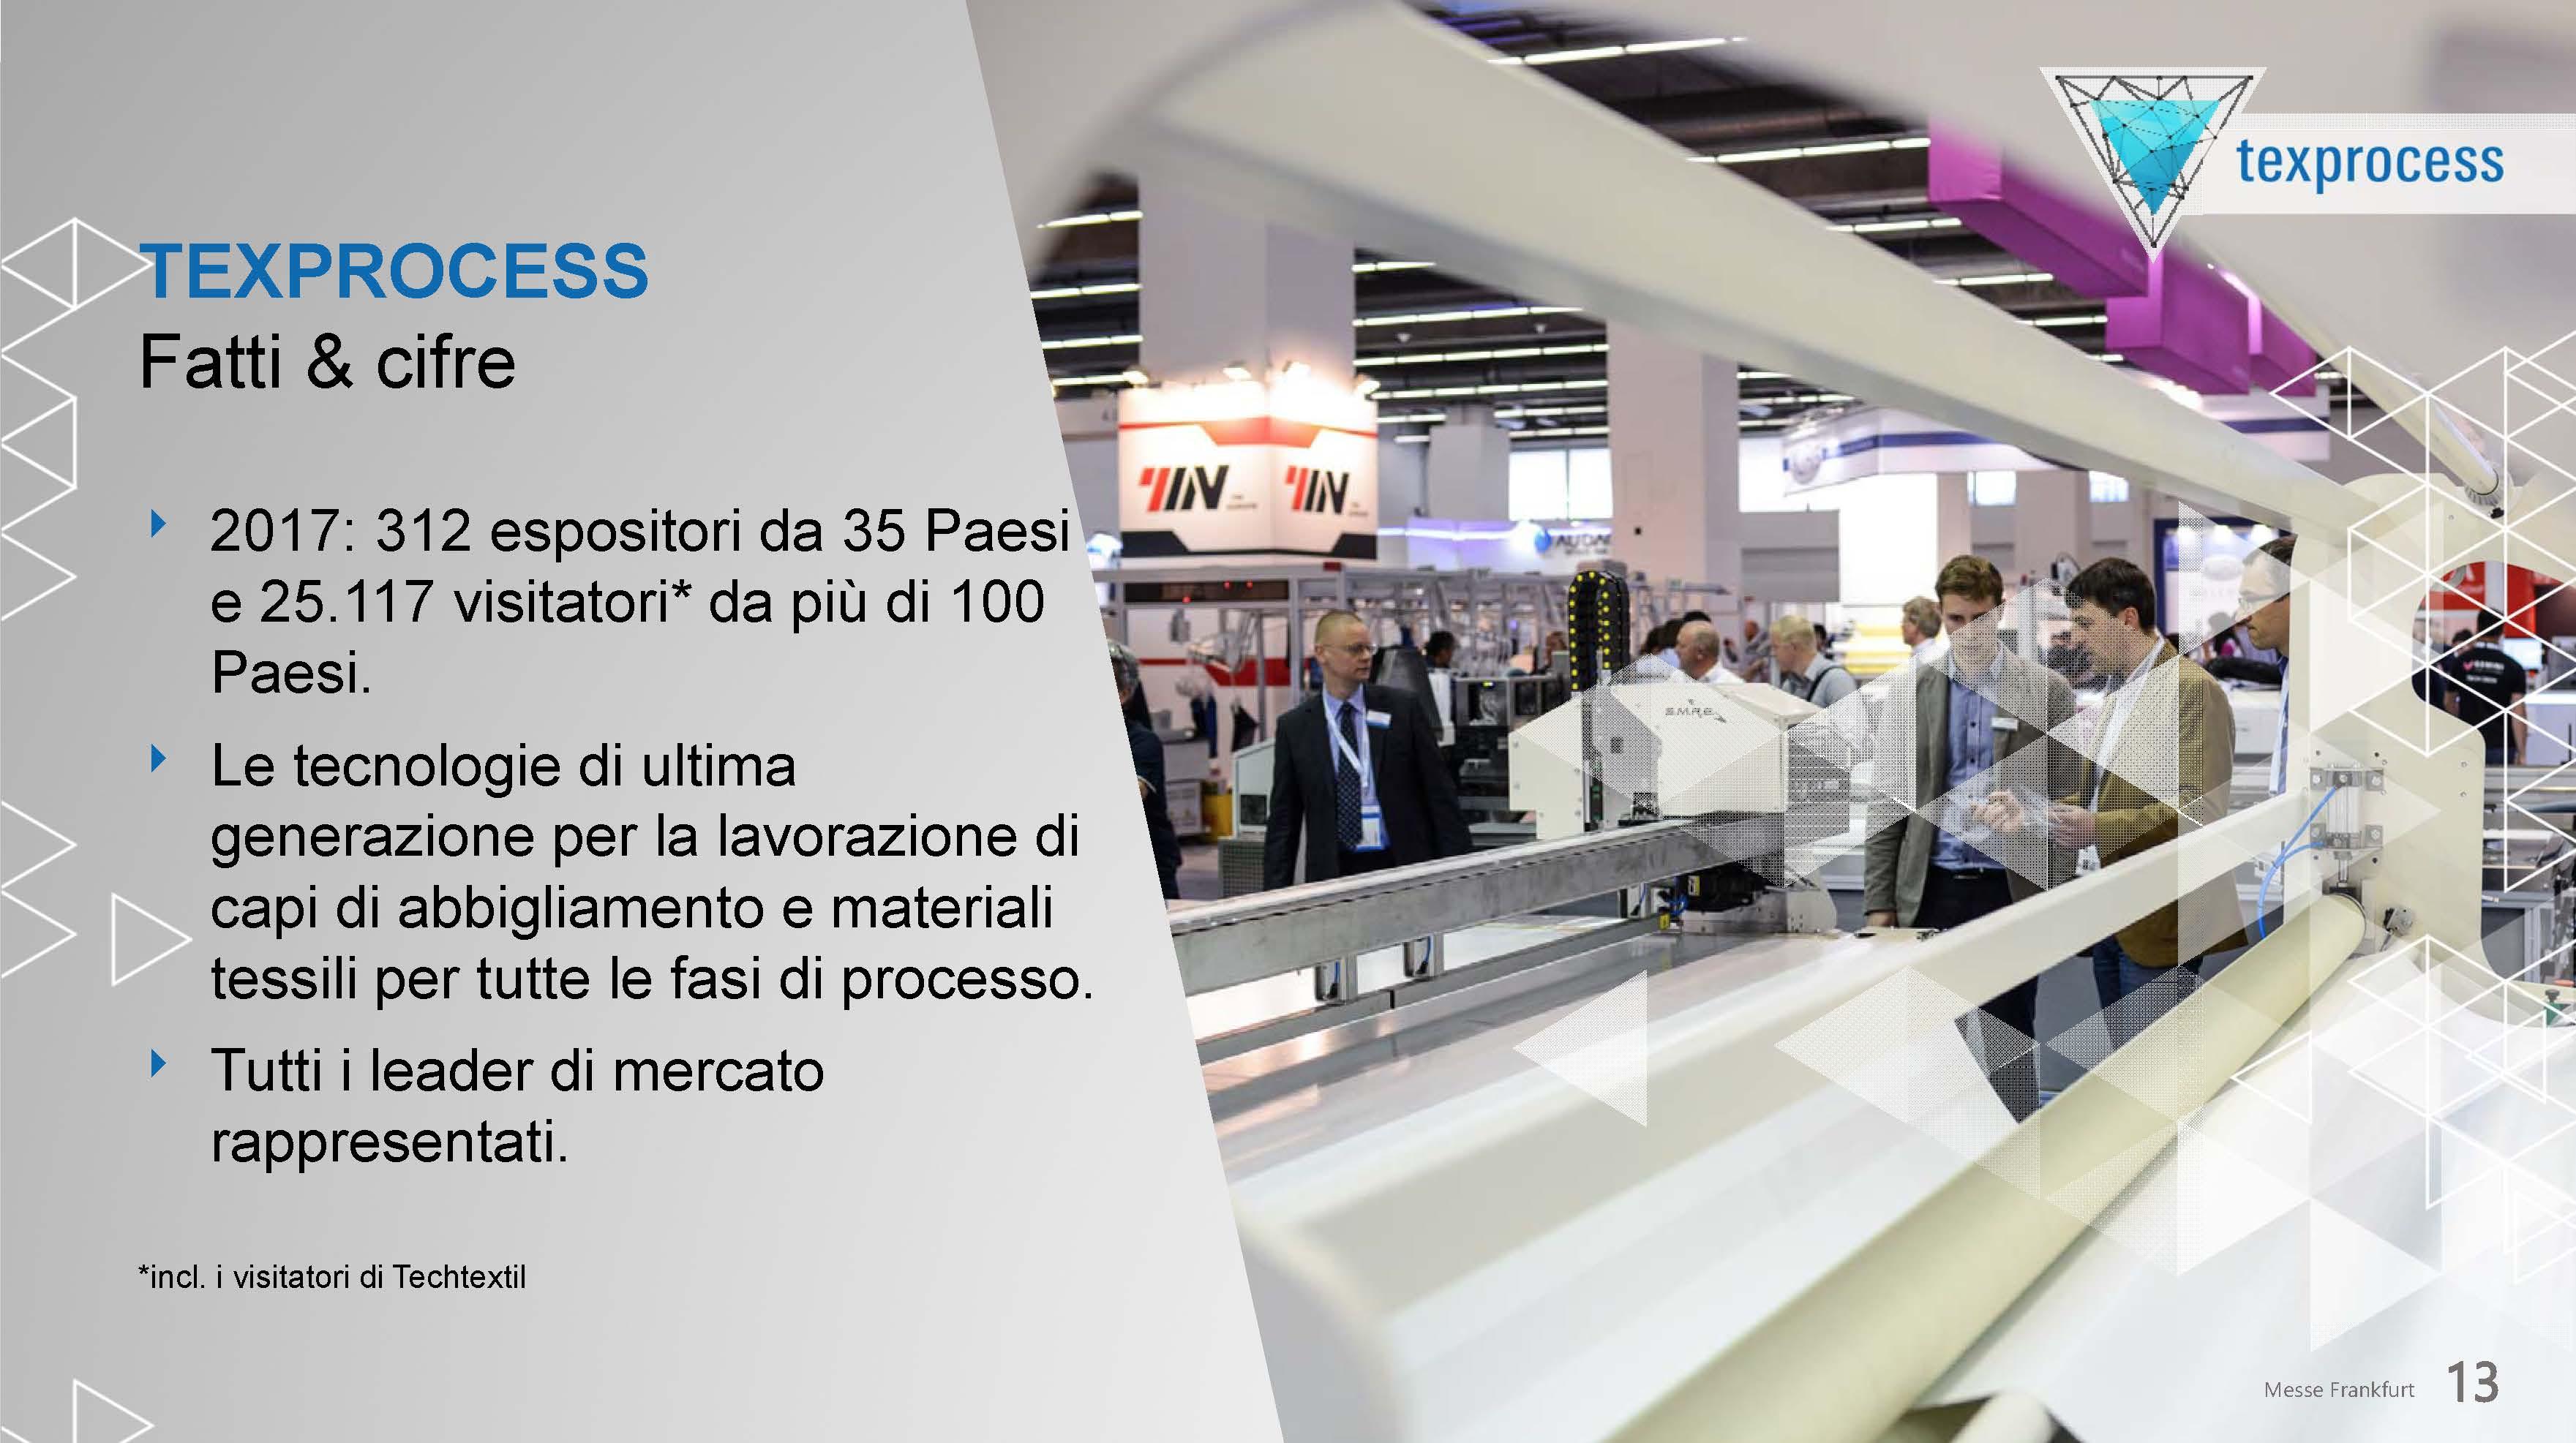 Texprocess un gamma completa di tecnologie per la lavorazione tessile